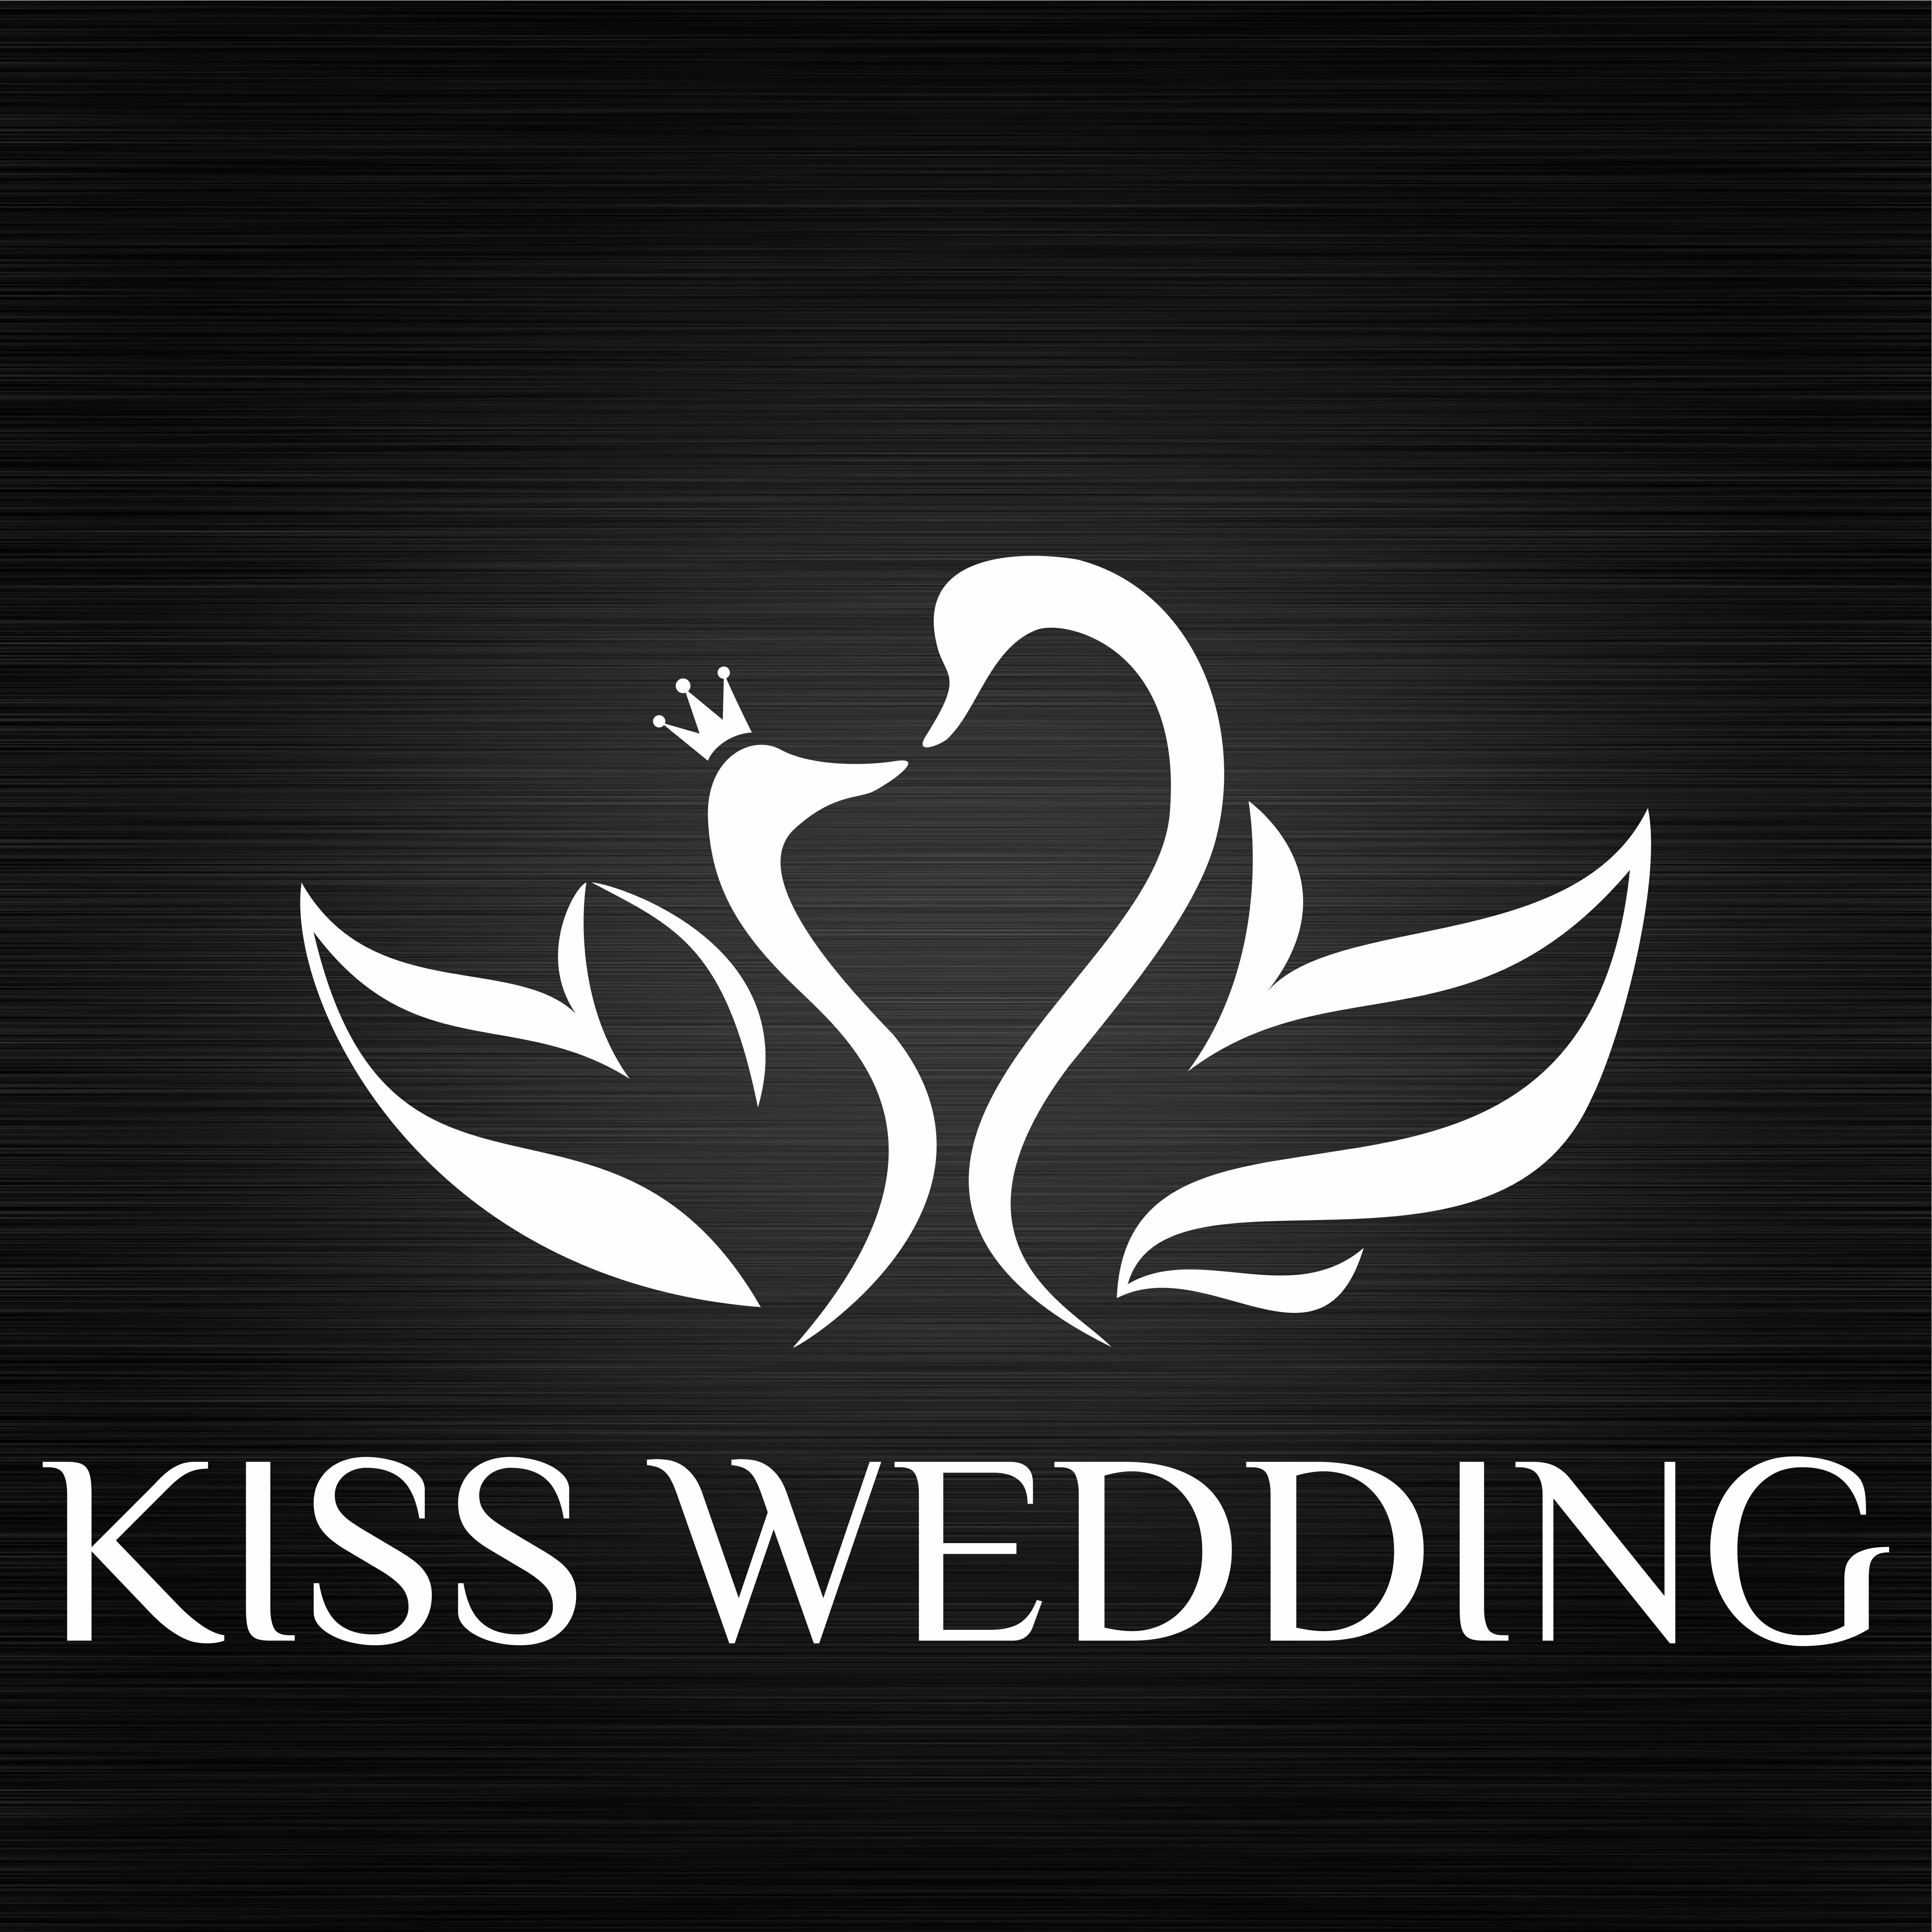 KISS凯思婚典